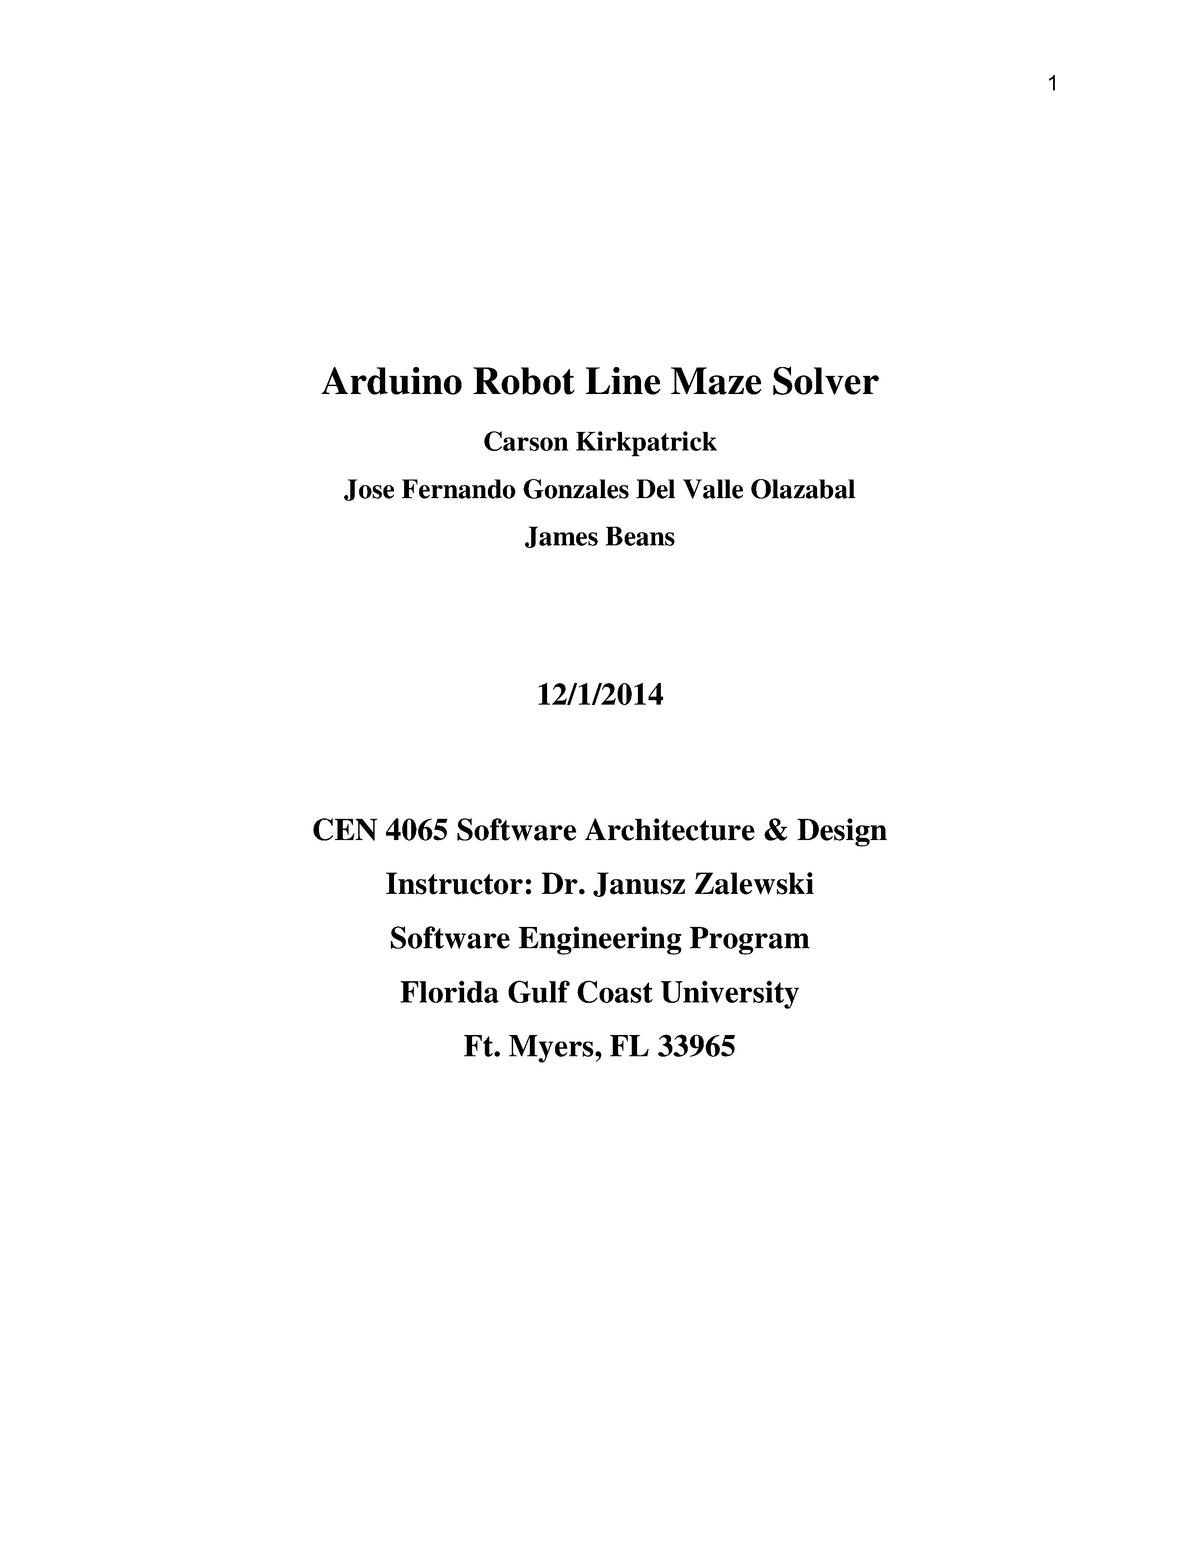 Arduino Robot Line Maze Solver Report - Taller De Tasacion